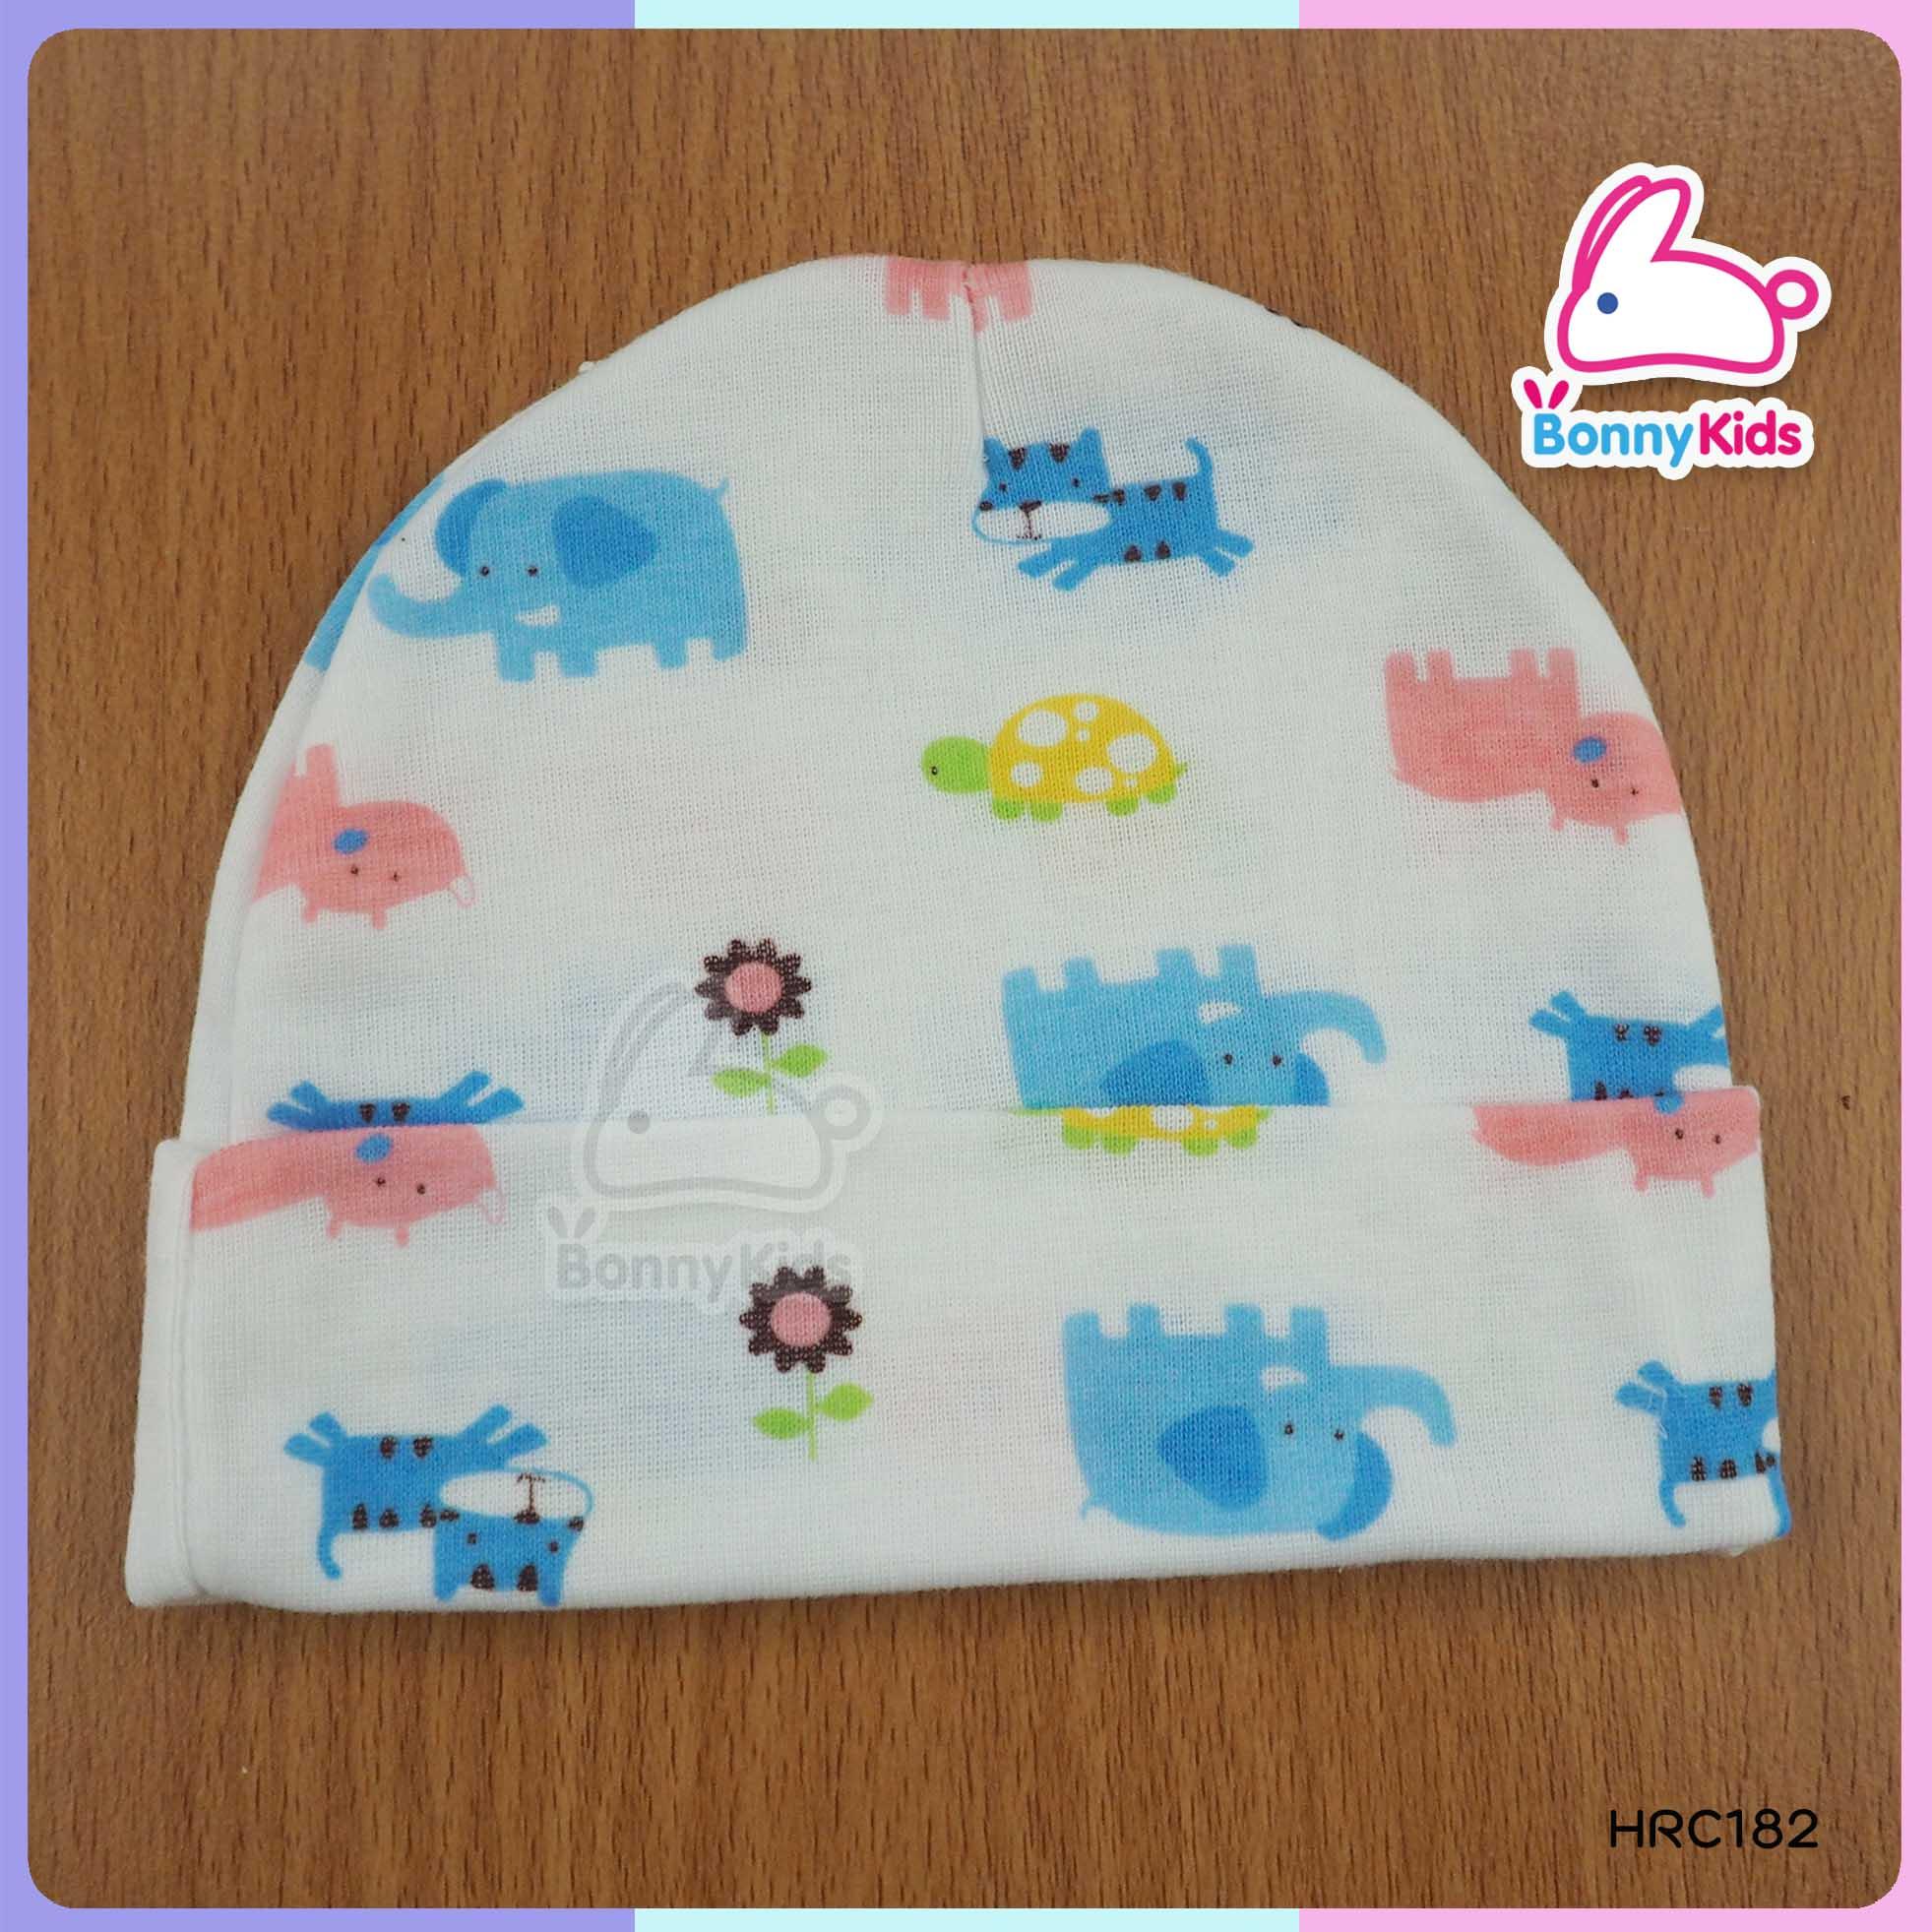 หมวกเด็กอ่อน size 0-6 เดือน (ขายแพ็ค 6 ใบ)